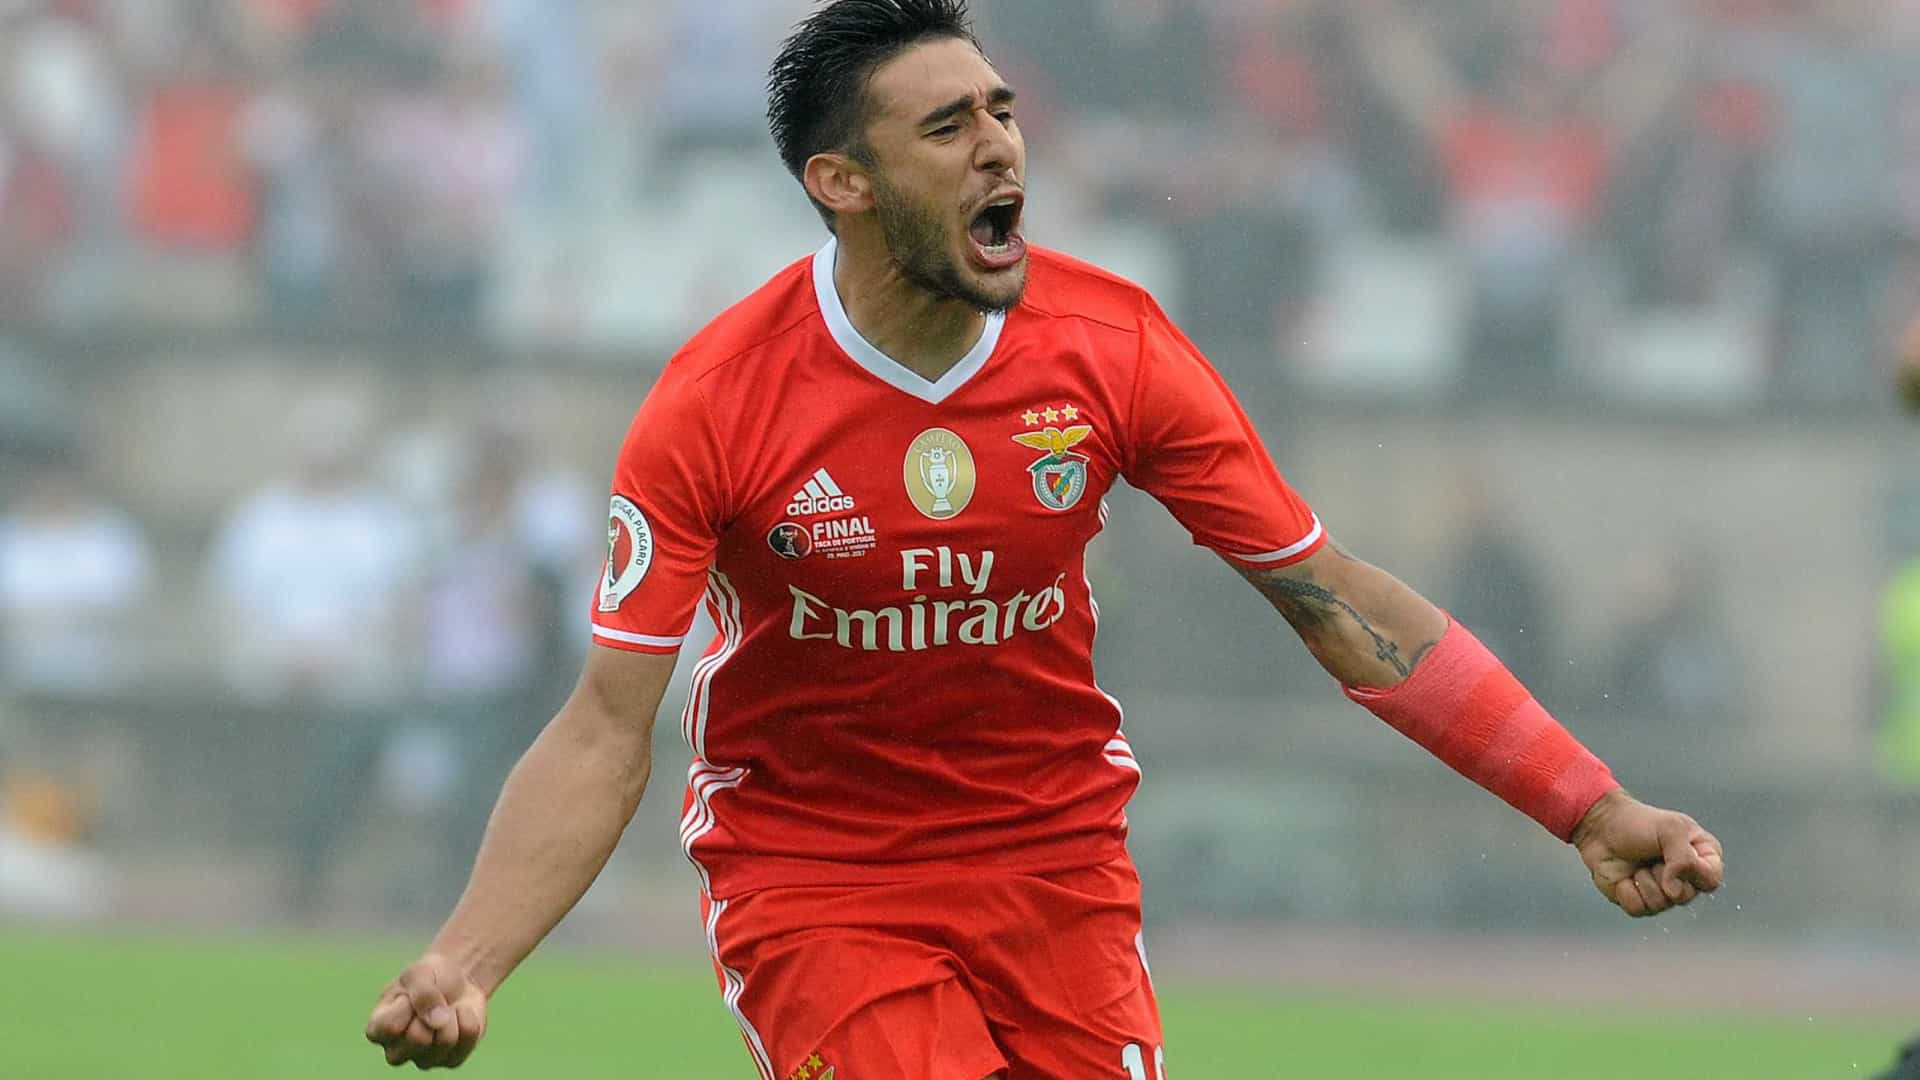 Salvio poderá ser o próximo jogador a abandonar o Benfica